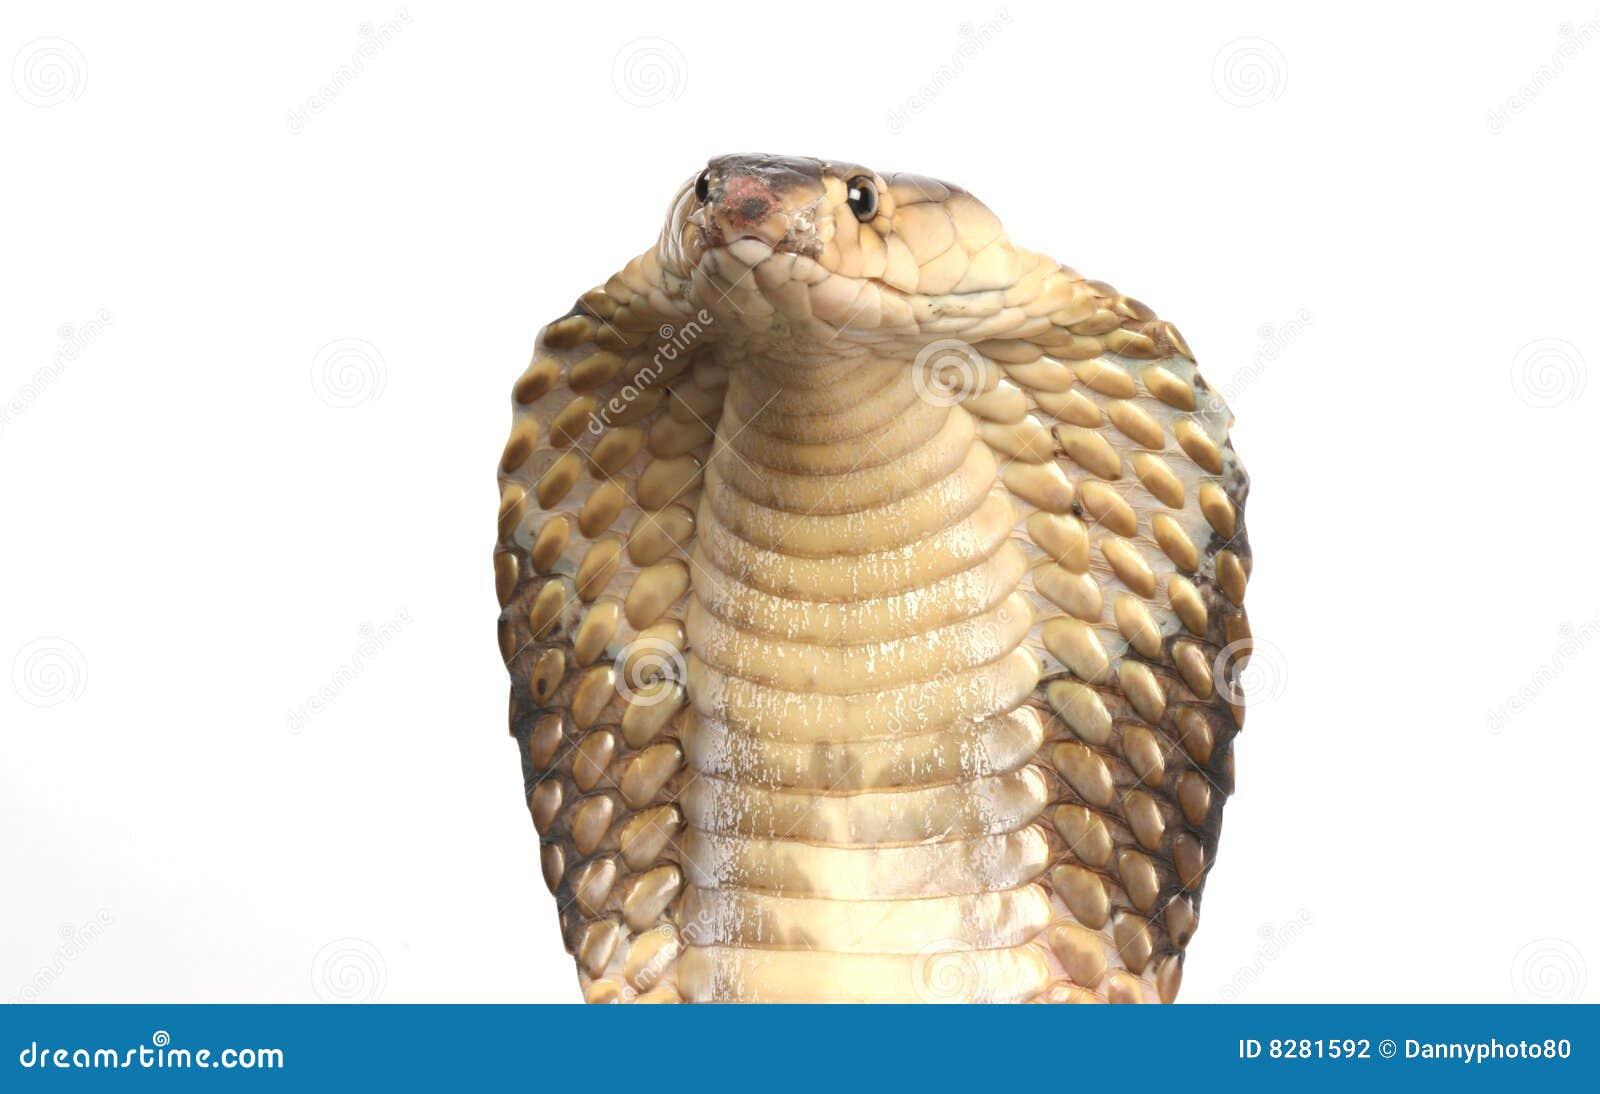 Фото кобра крупным планом 13 фотография